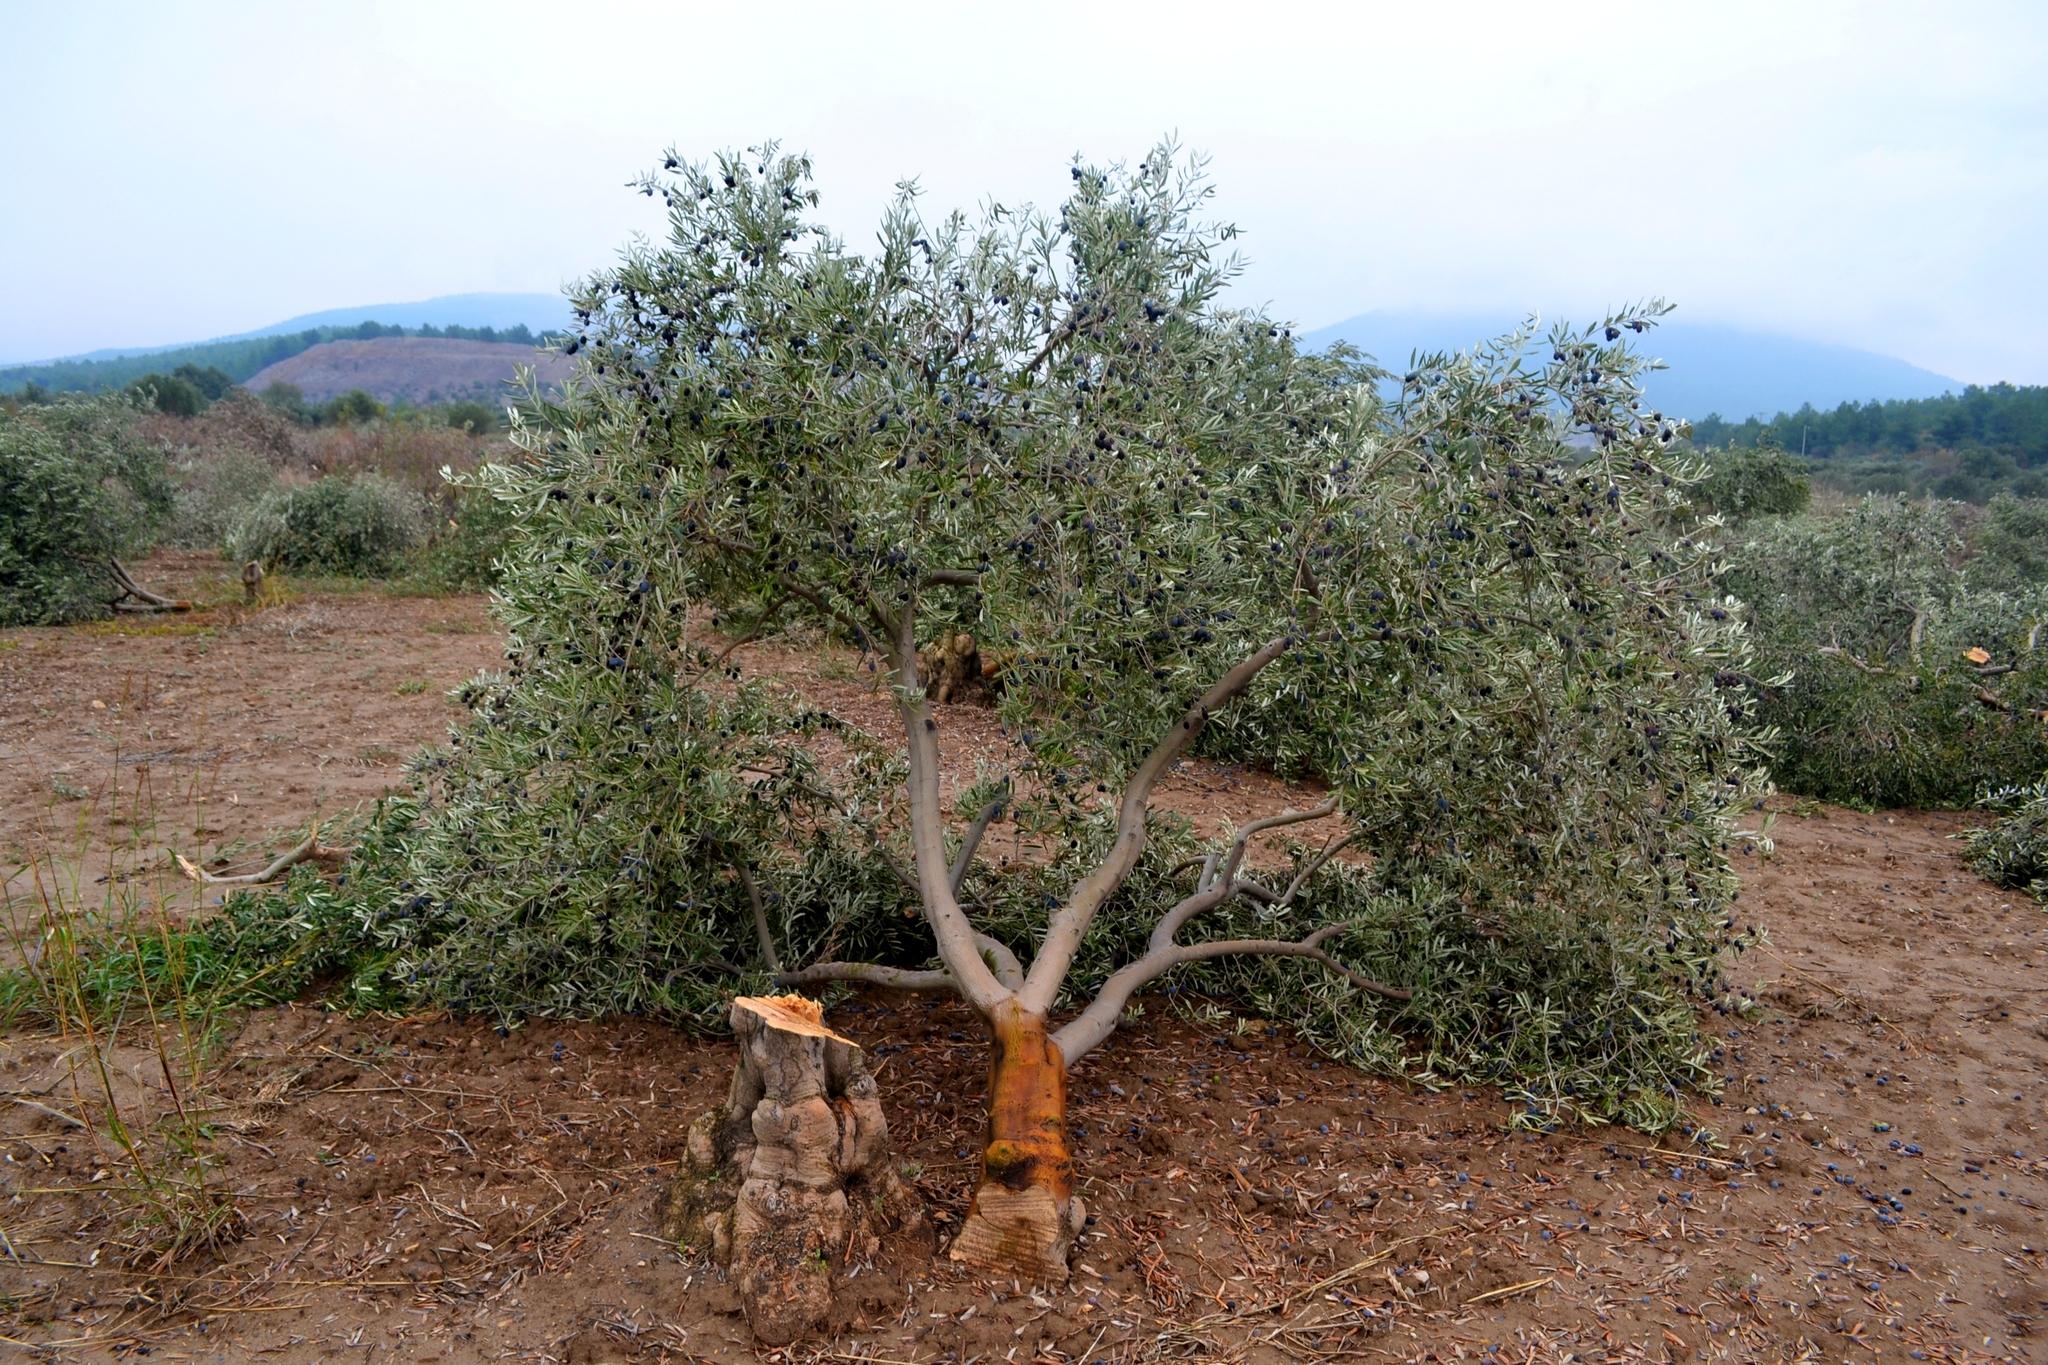 6 bin ağacın hesabını veren yok: Hükümet de Kolin de topu birbirine attı